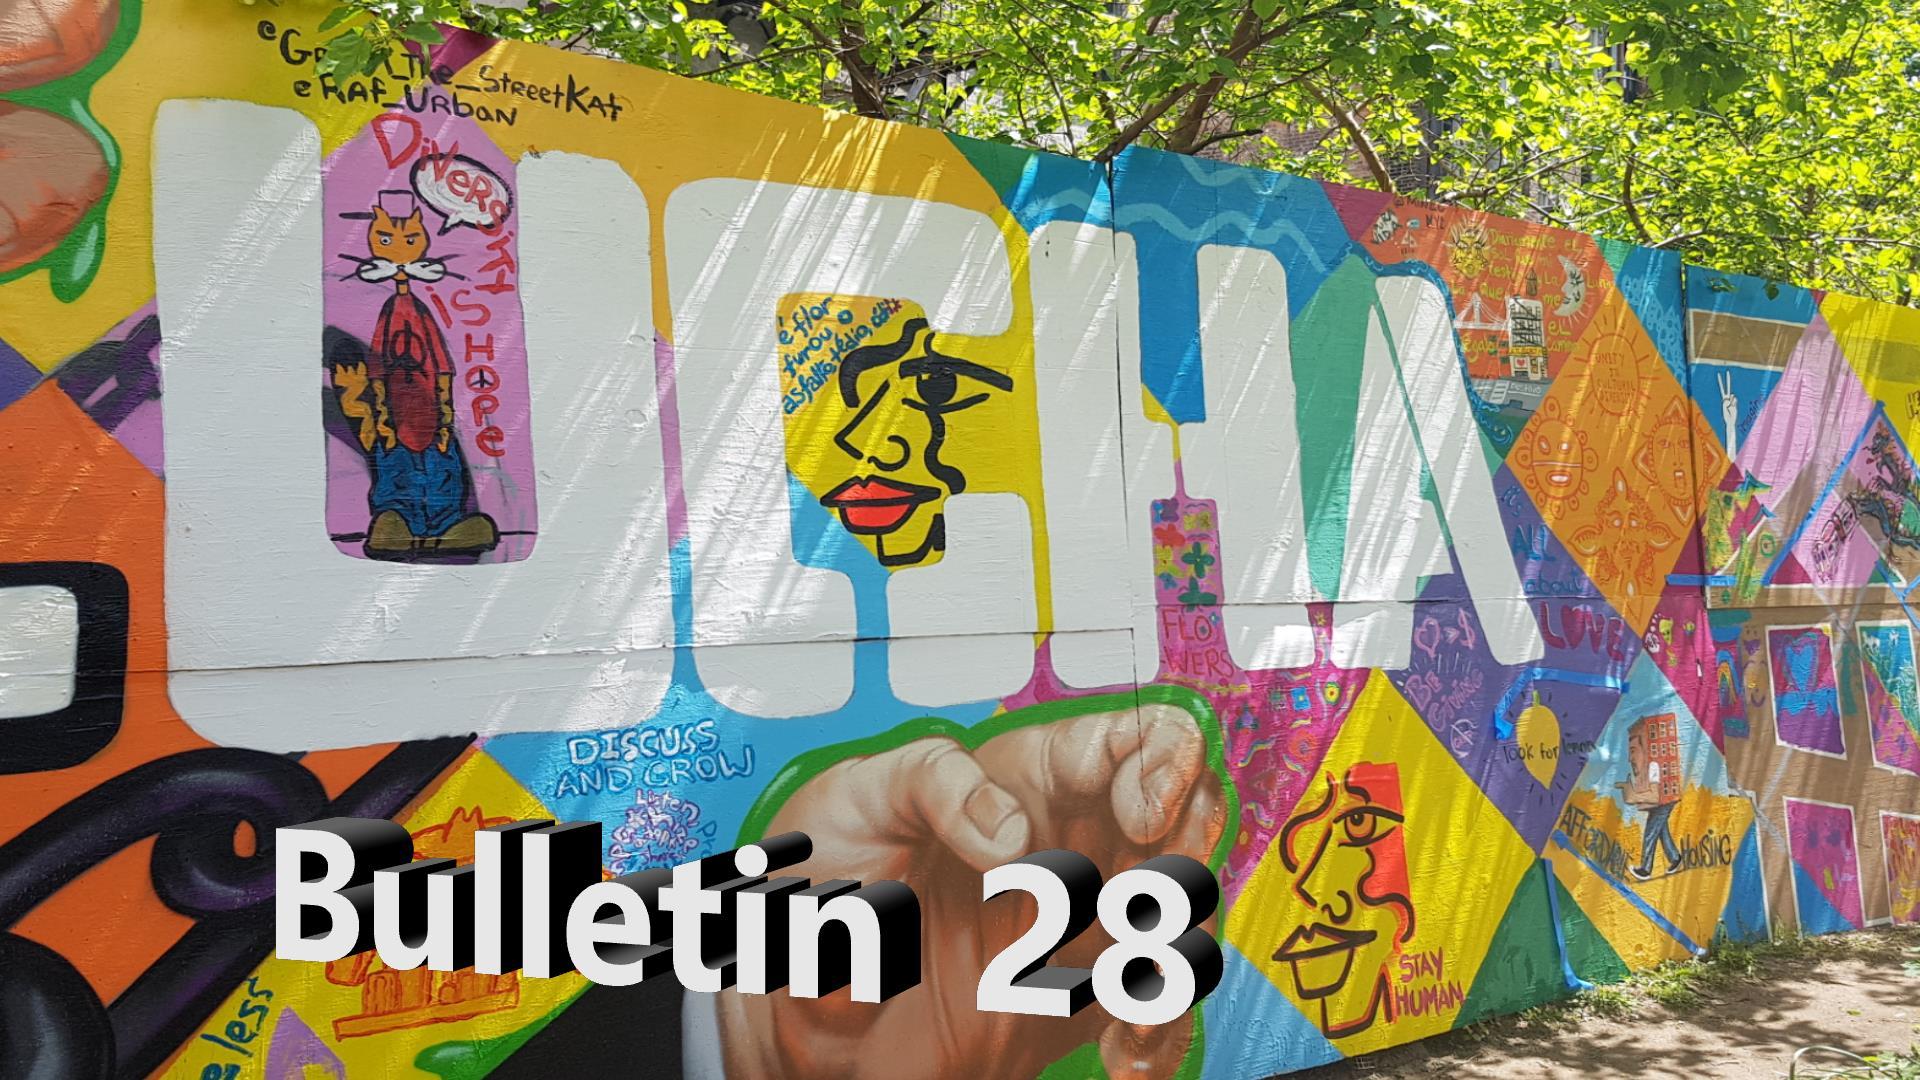 Bulletin 28, June 17